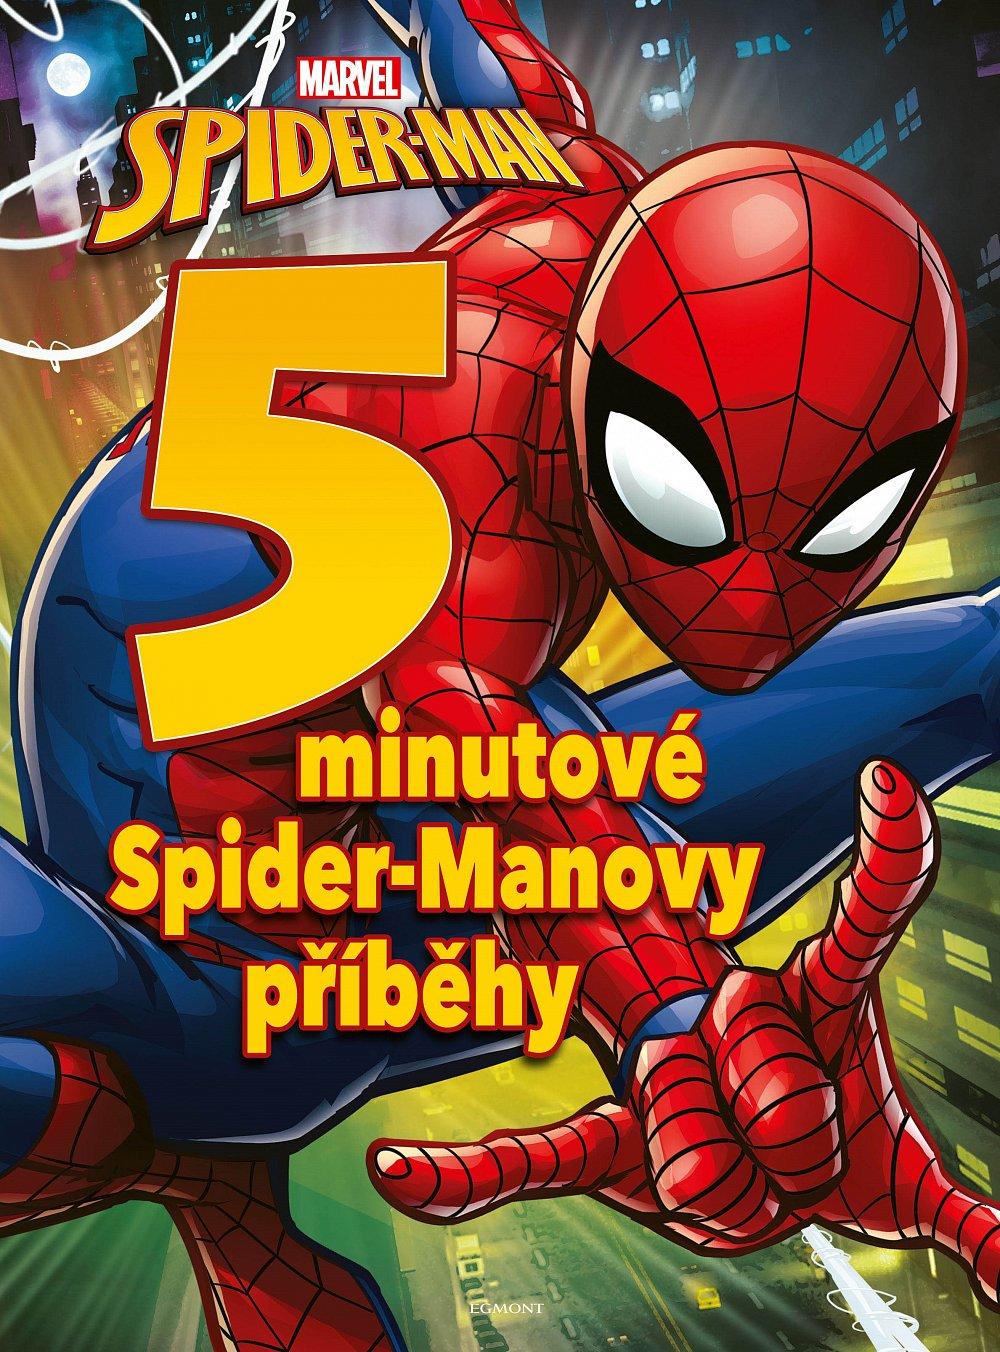 Soutěž o knihu Spider-Man - 5minutové Spider-Manovy příběhy